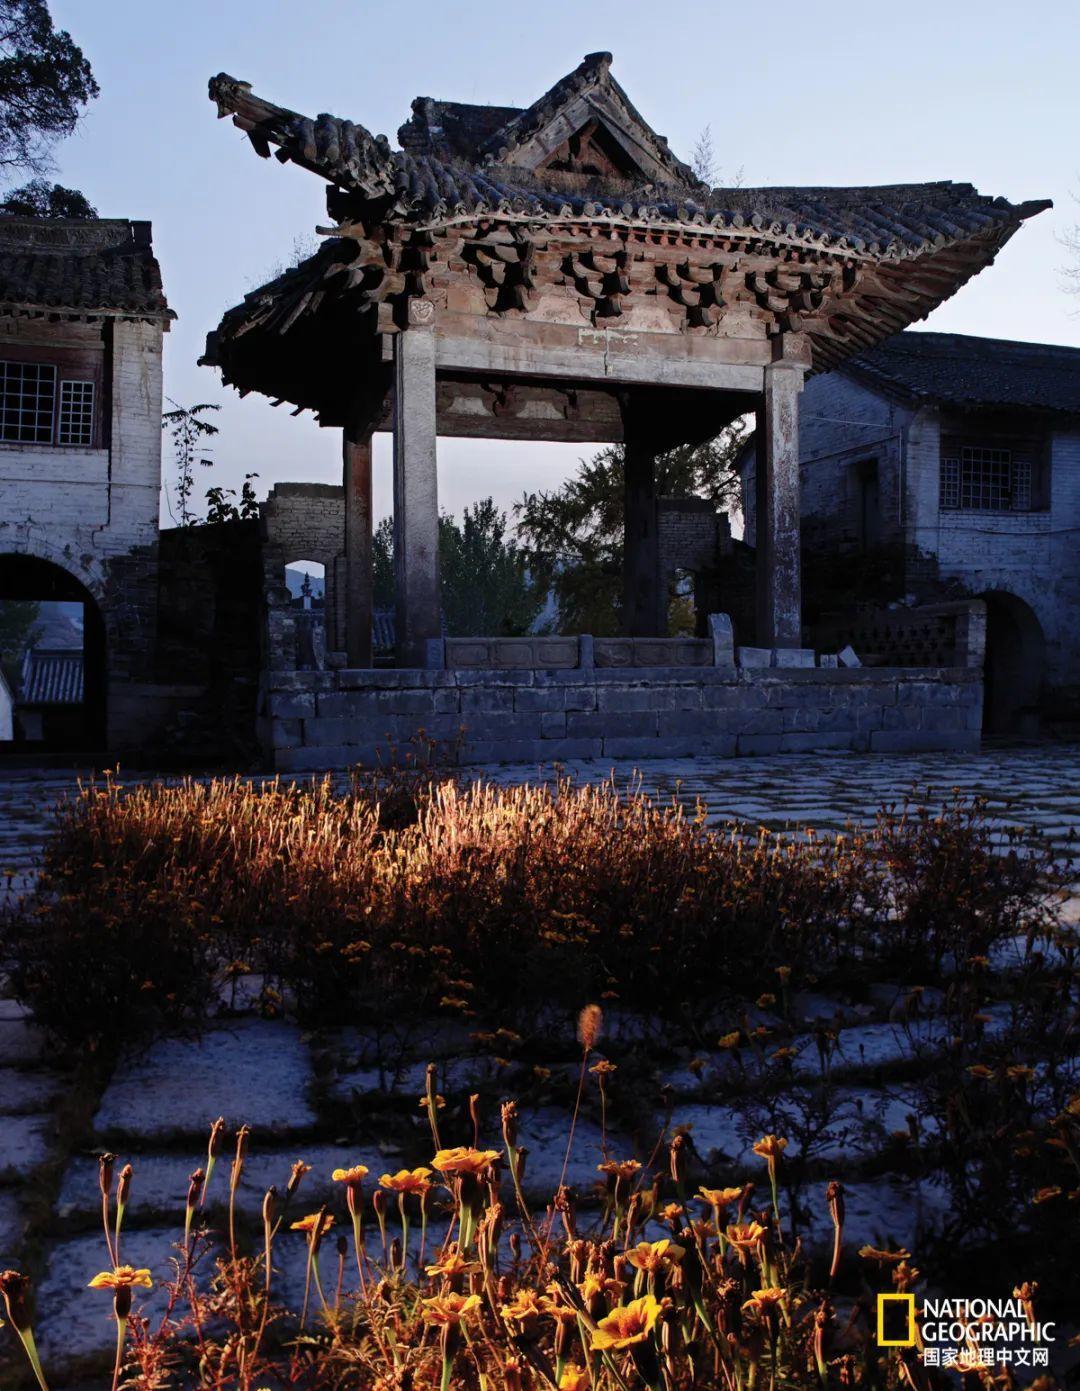 """戏剧表演从露天戏台移入建有屋顶的""""舞亭"""",是宋、金时期中国古代戏剧发展的一个重要里程碑。泽州县冶底村岱庙的这座亭榭式的""""舞楼"""",虽然其主要构架建于元代,但基本形制还保留着宋、金时期""""舞亭""""风格。 摄影:赵钢"""